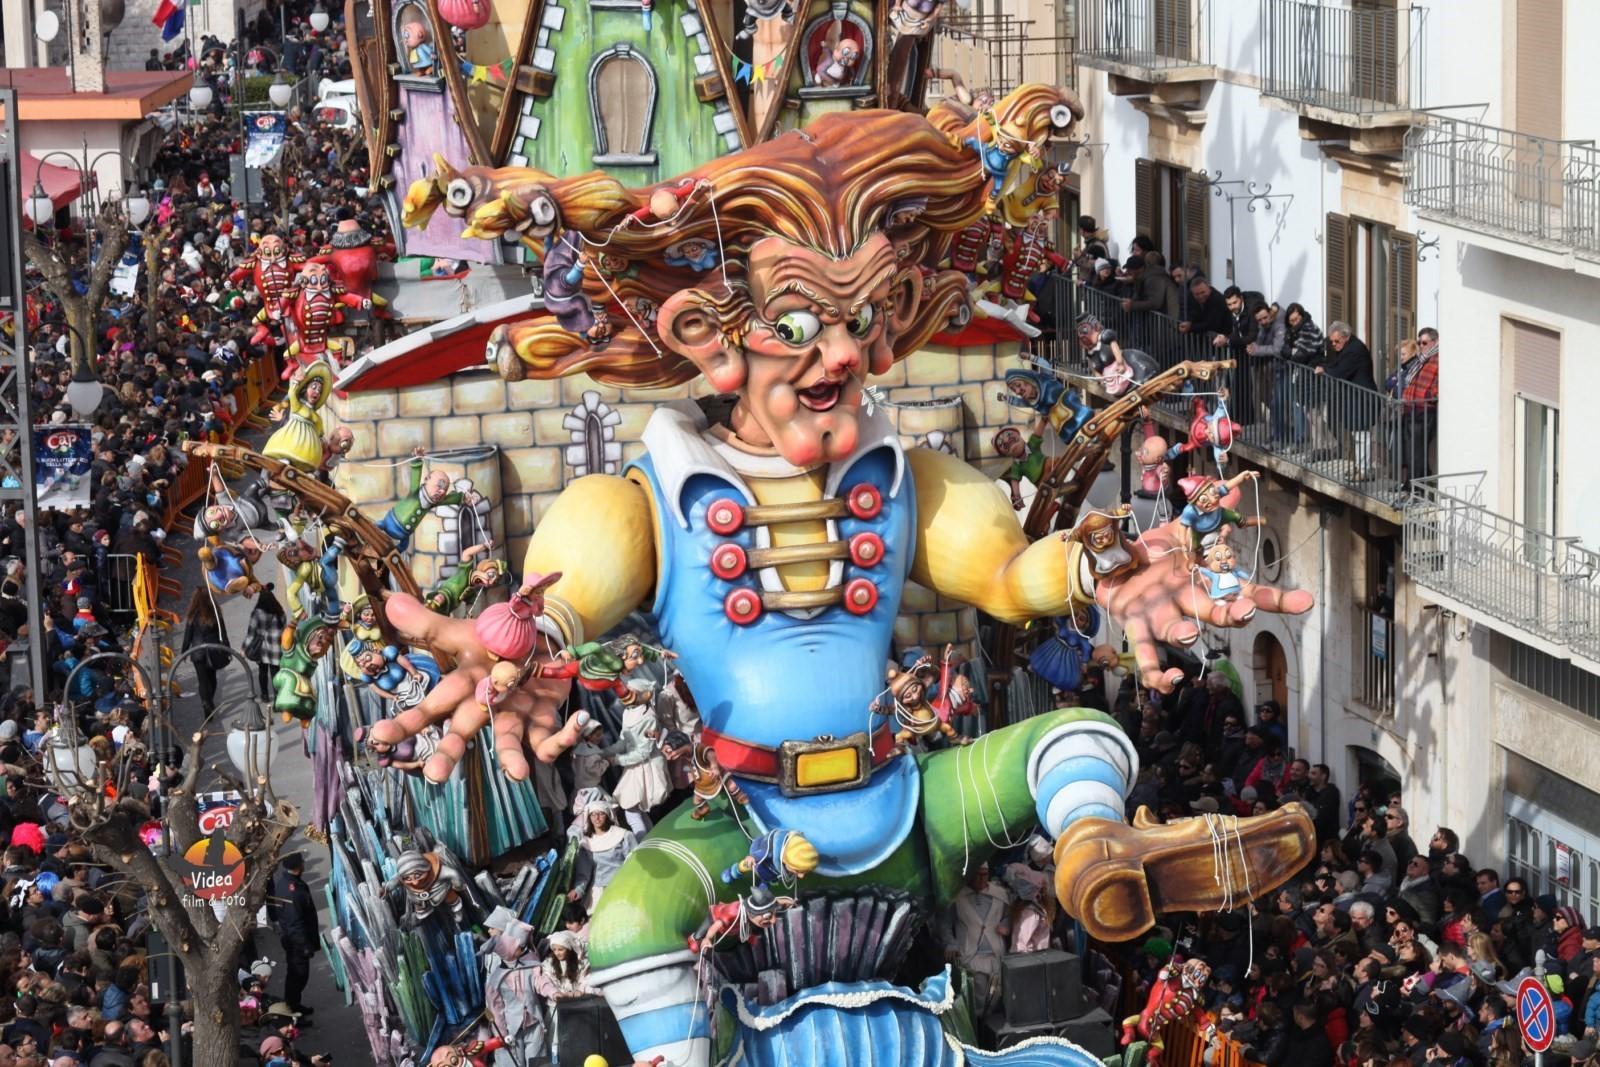 Puglia: a Putignano il carnevale più antico d'Europa